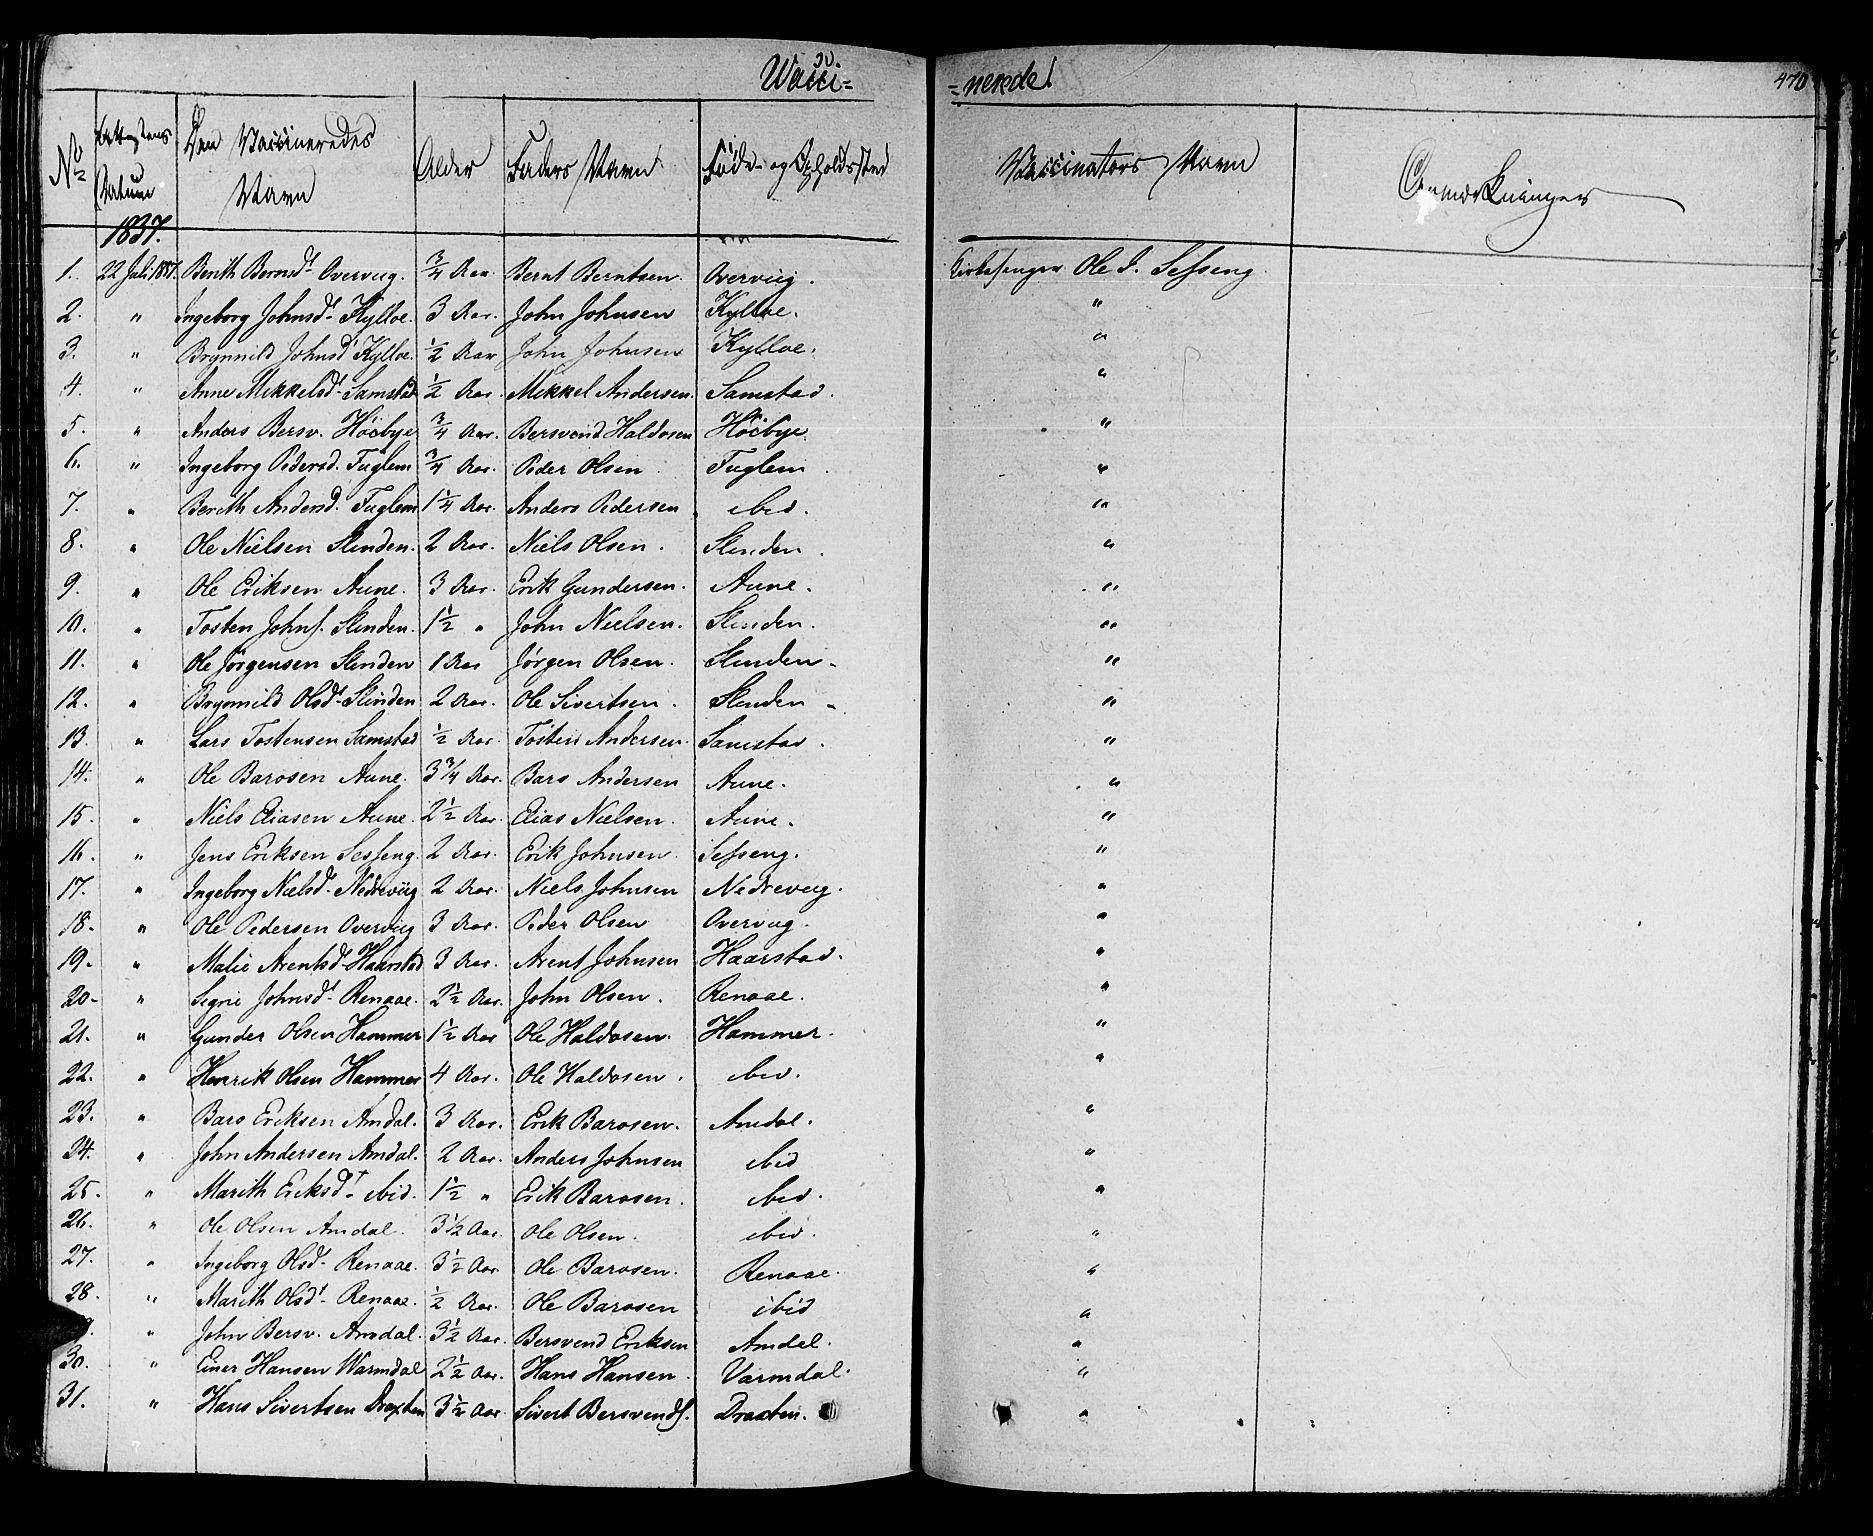 SAT, Ministerialprotokoller, klokkerbøker og fødselsregistre - Sør-Trøndelag, 695/L1143: Ministerialbok nr. 695A05 /1, 1824-1842, s. 470